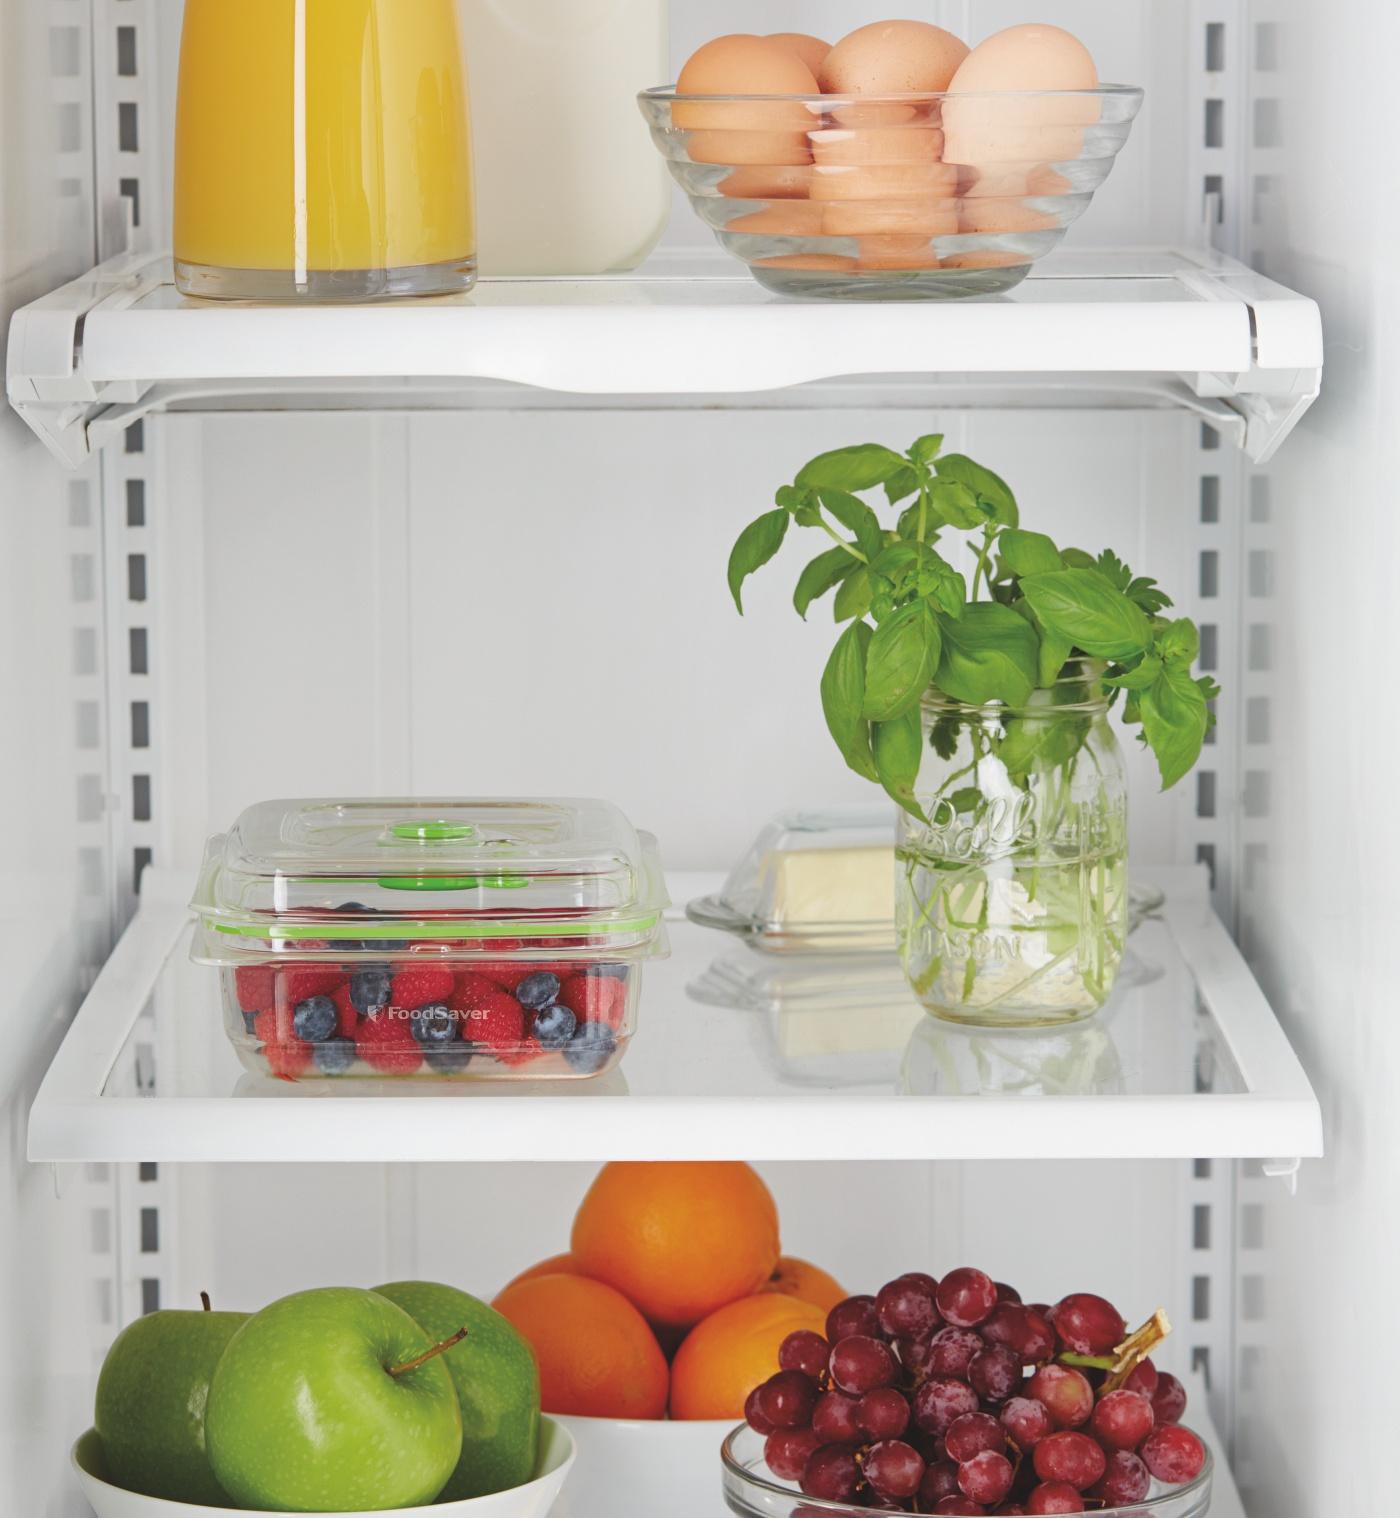 Próżniowe pakowanie wydłuża termin przydatności do spożycia produktów spożywczych